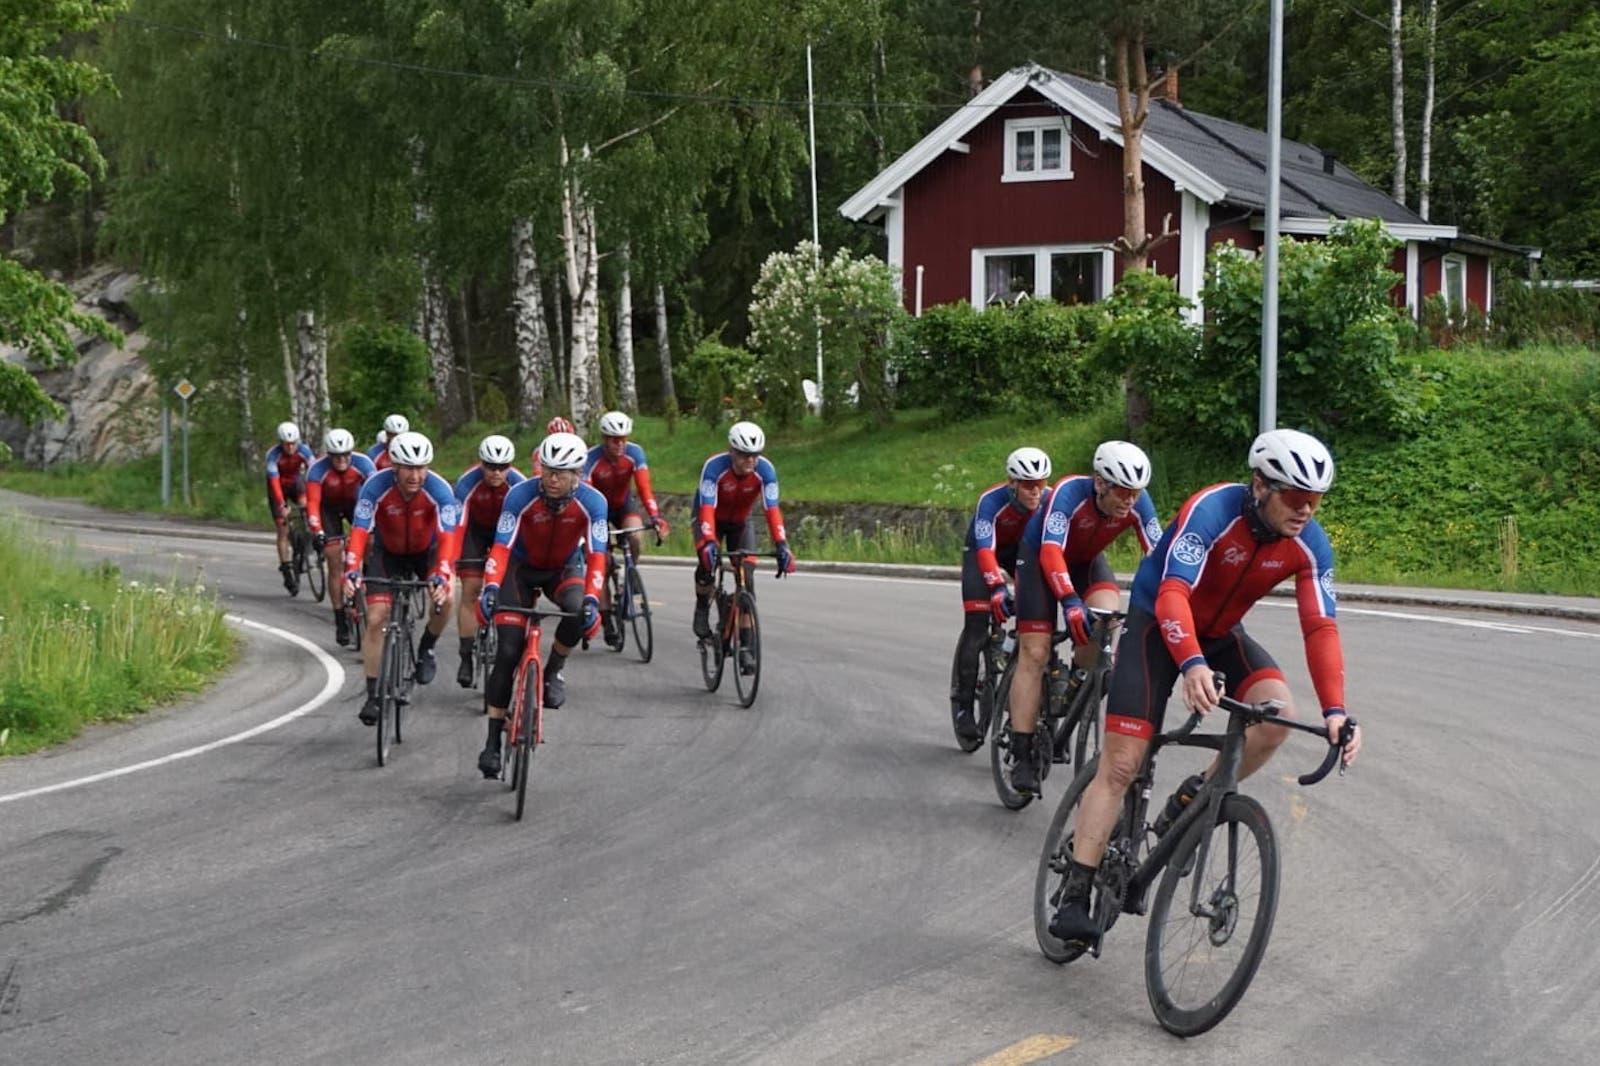 SLANK TROPP: Rye Expressen er færre enn vanlig til start på Trondheim-Oslo på lørdag, men stiller likevel med store ambisjoner og topp motivert. Foto: Bjørn Saksberg